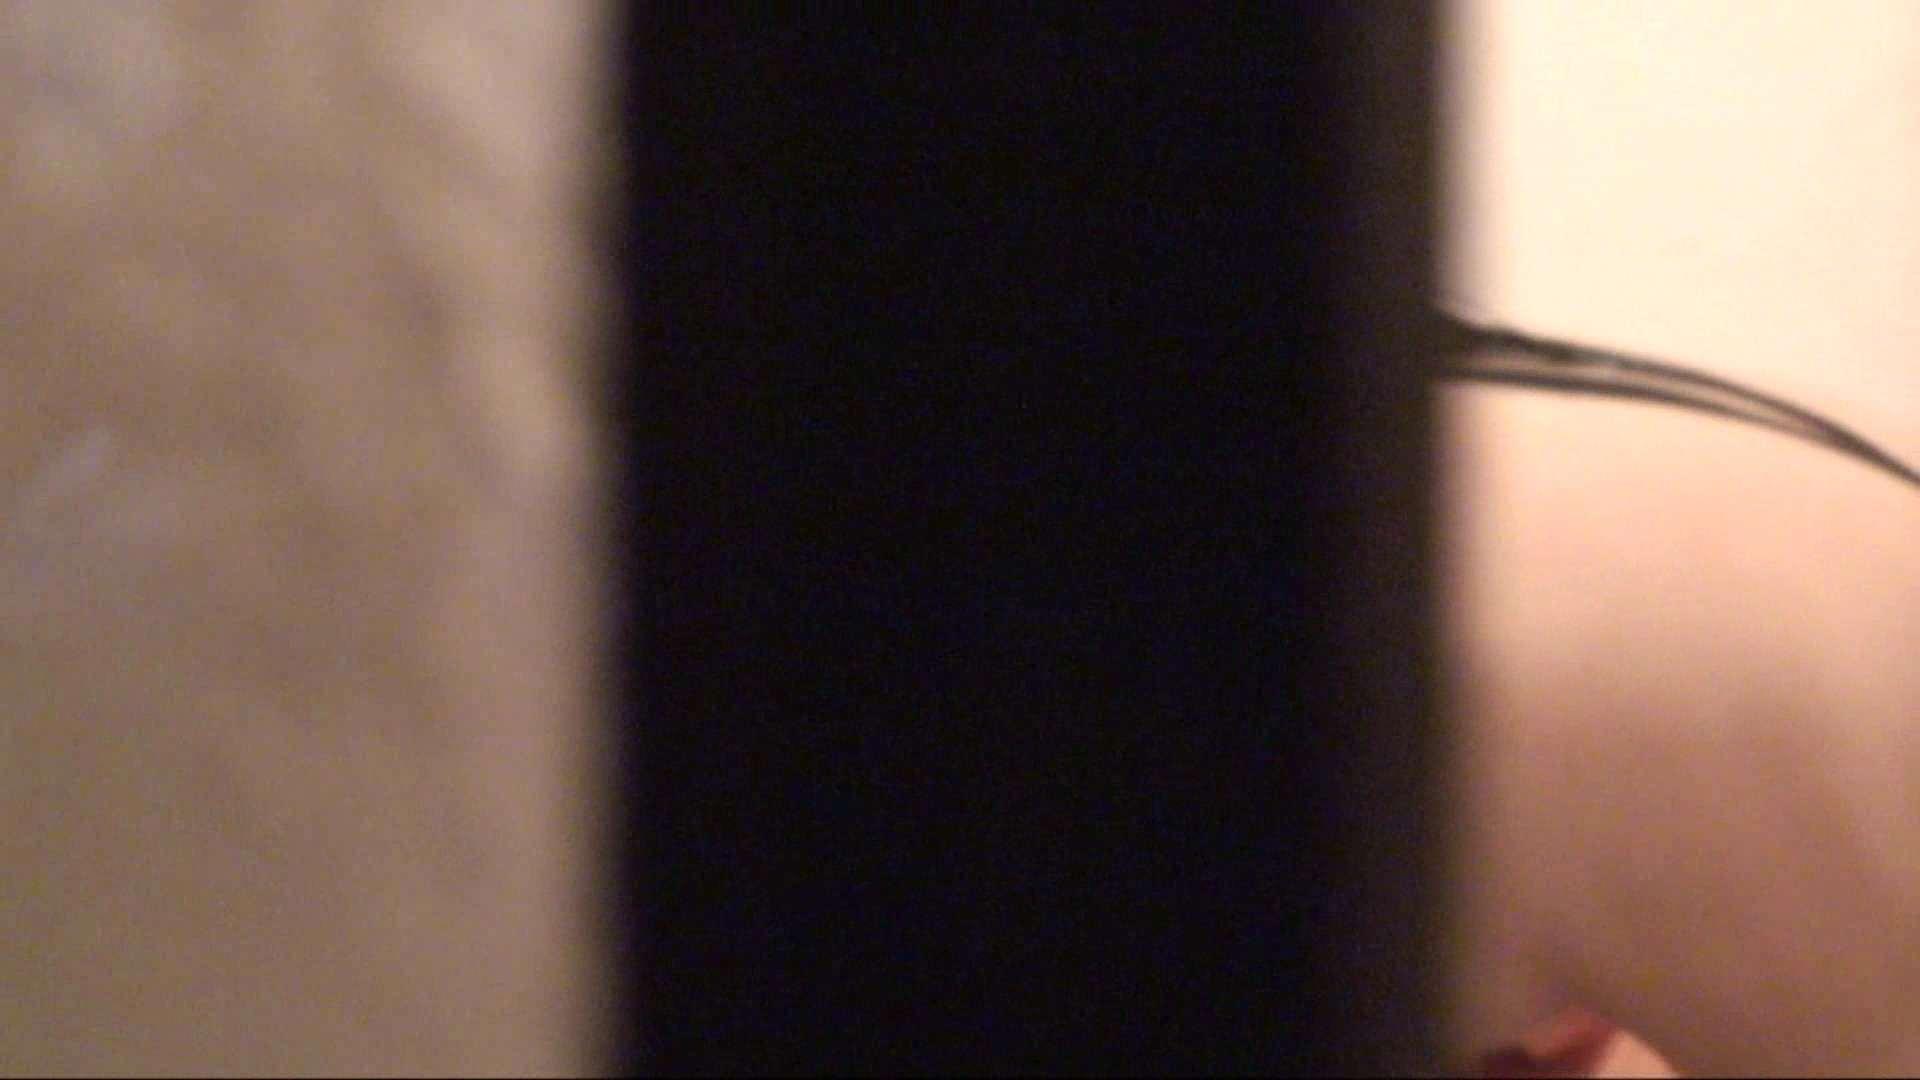 vol.01必見!白肌嬢の乳首が丸見え。極上美人のすっぴん顔をハイビジョンで! 丸見え 隠し撮りAV無料 21pic 12